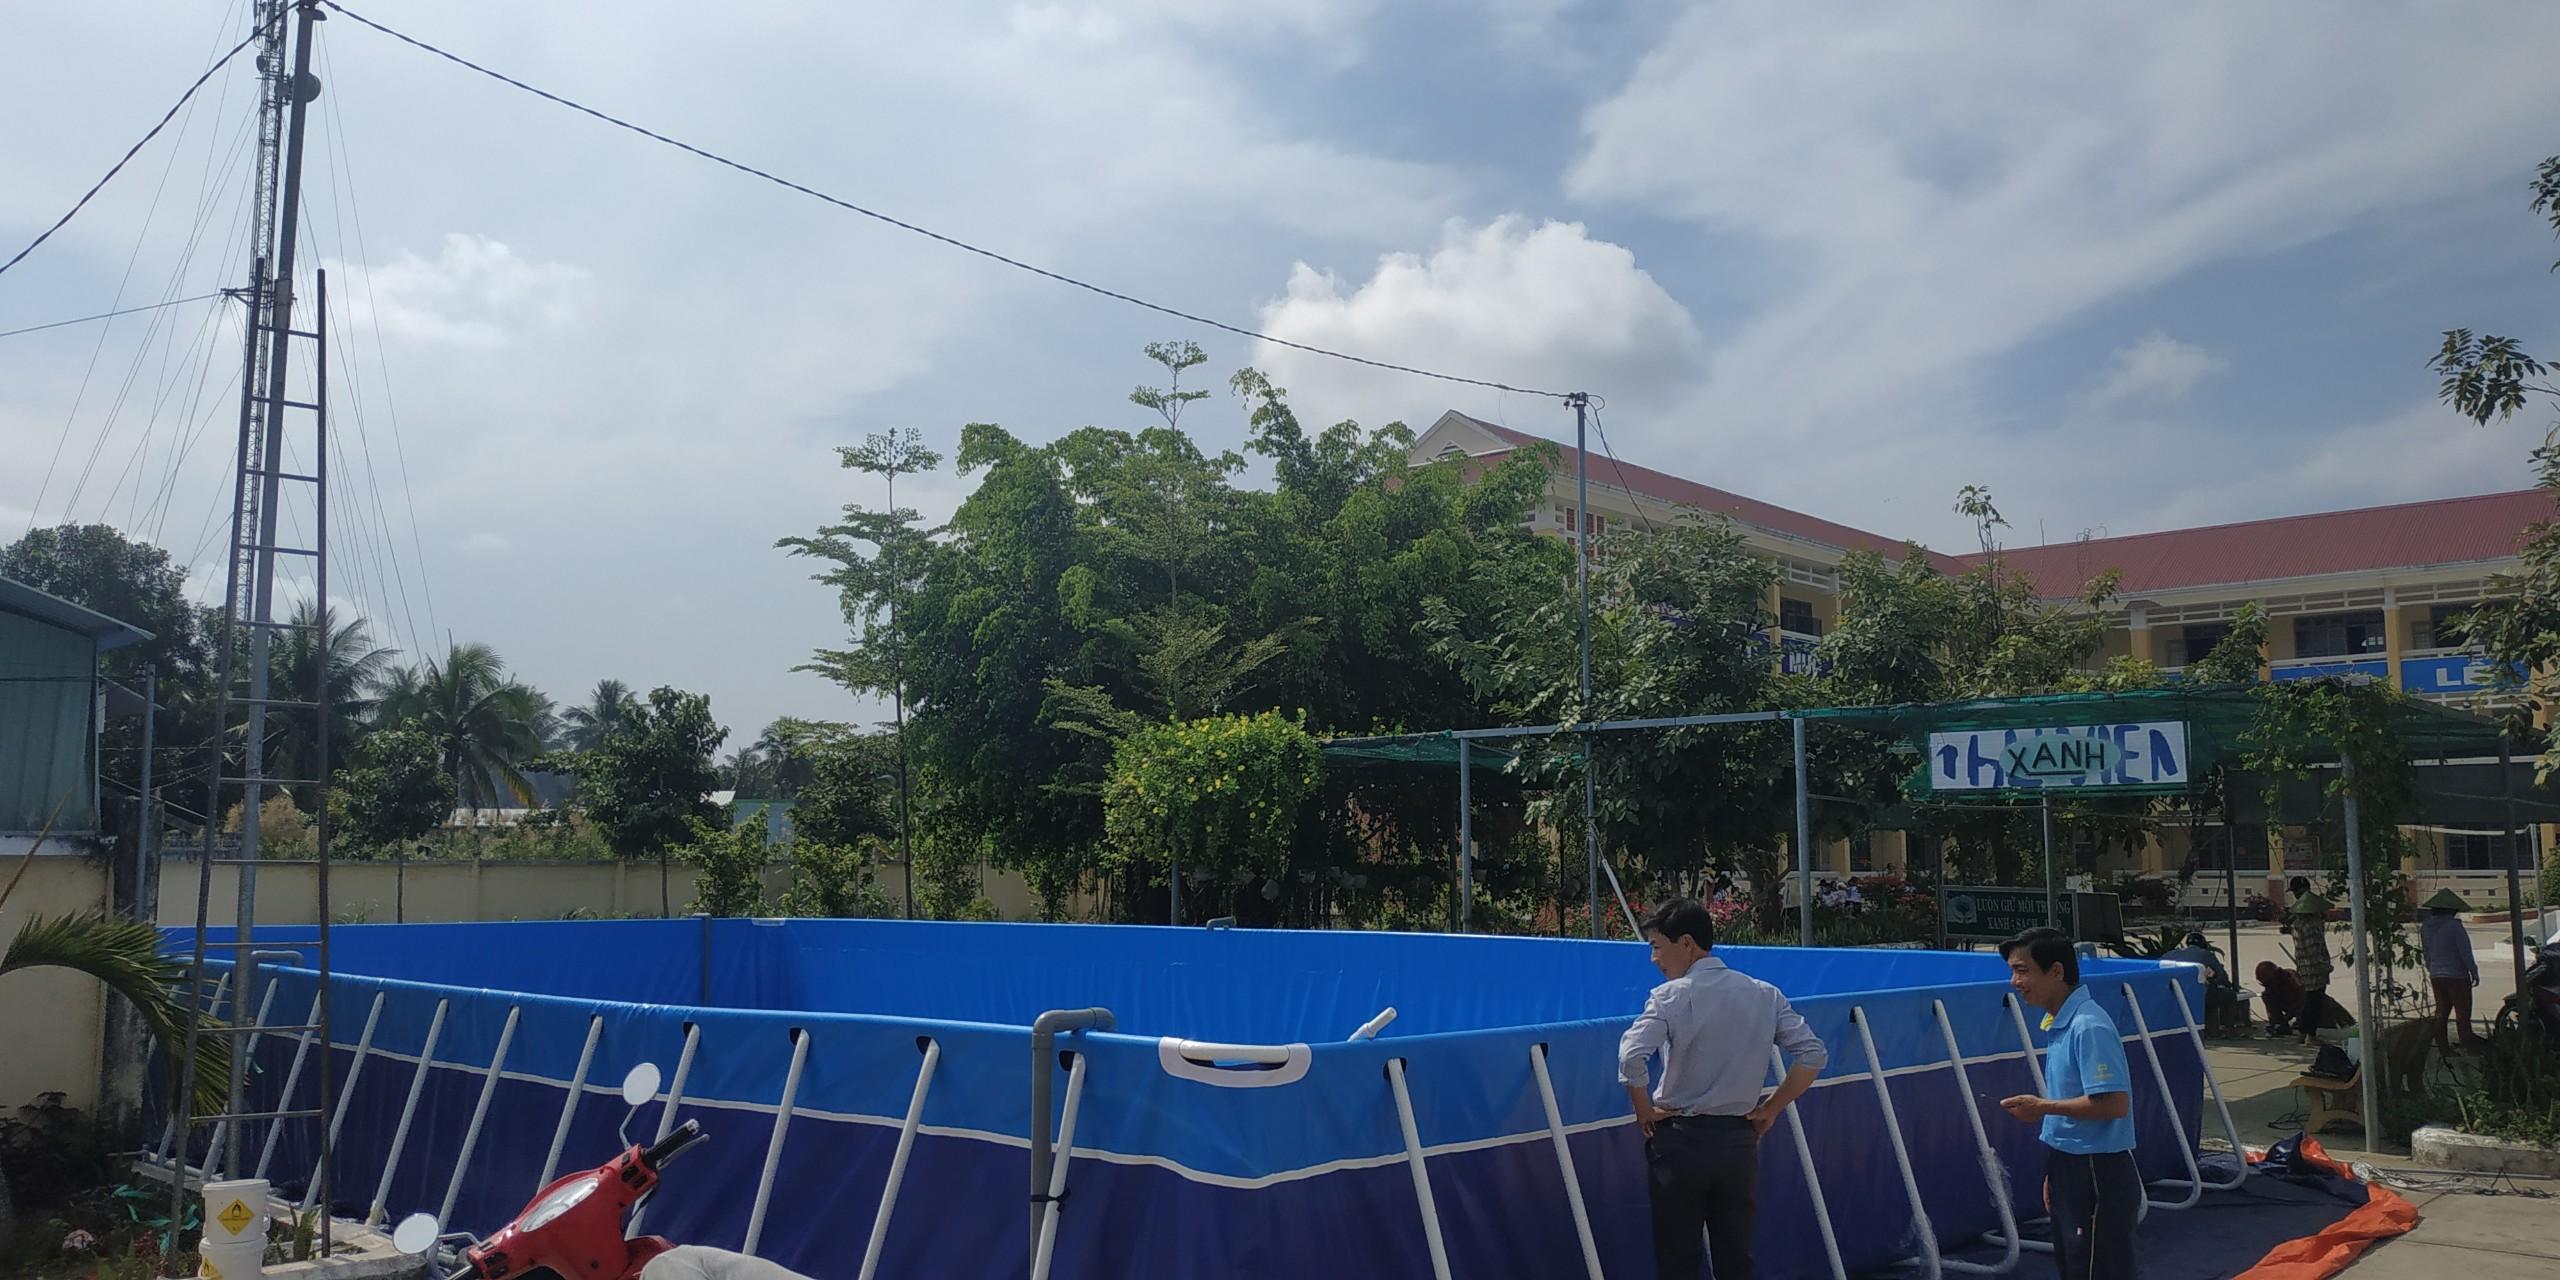 hồ bơi trường học cho trẻ em